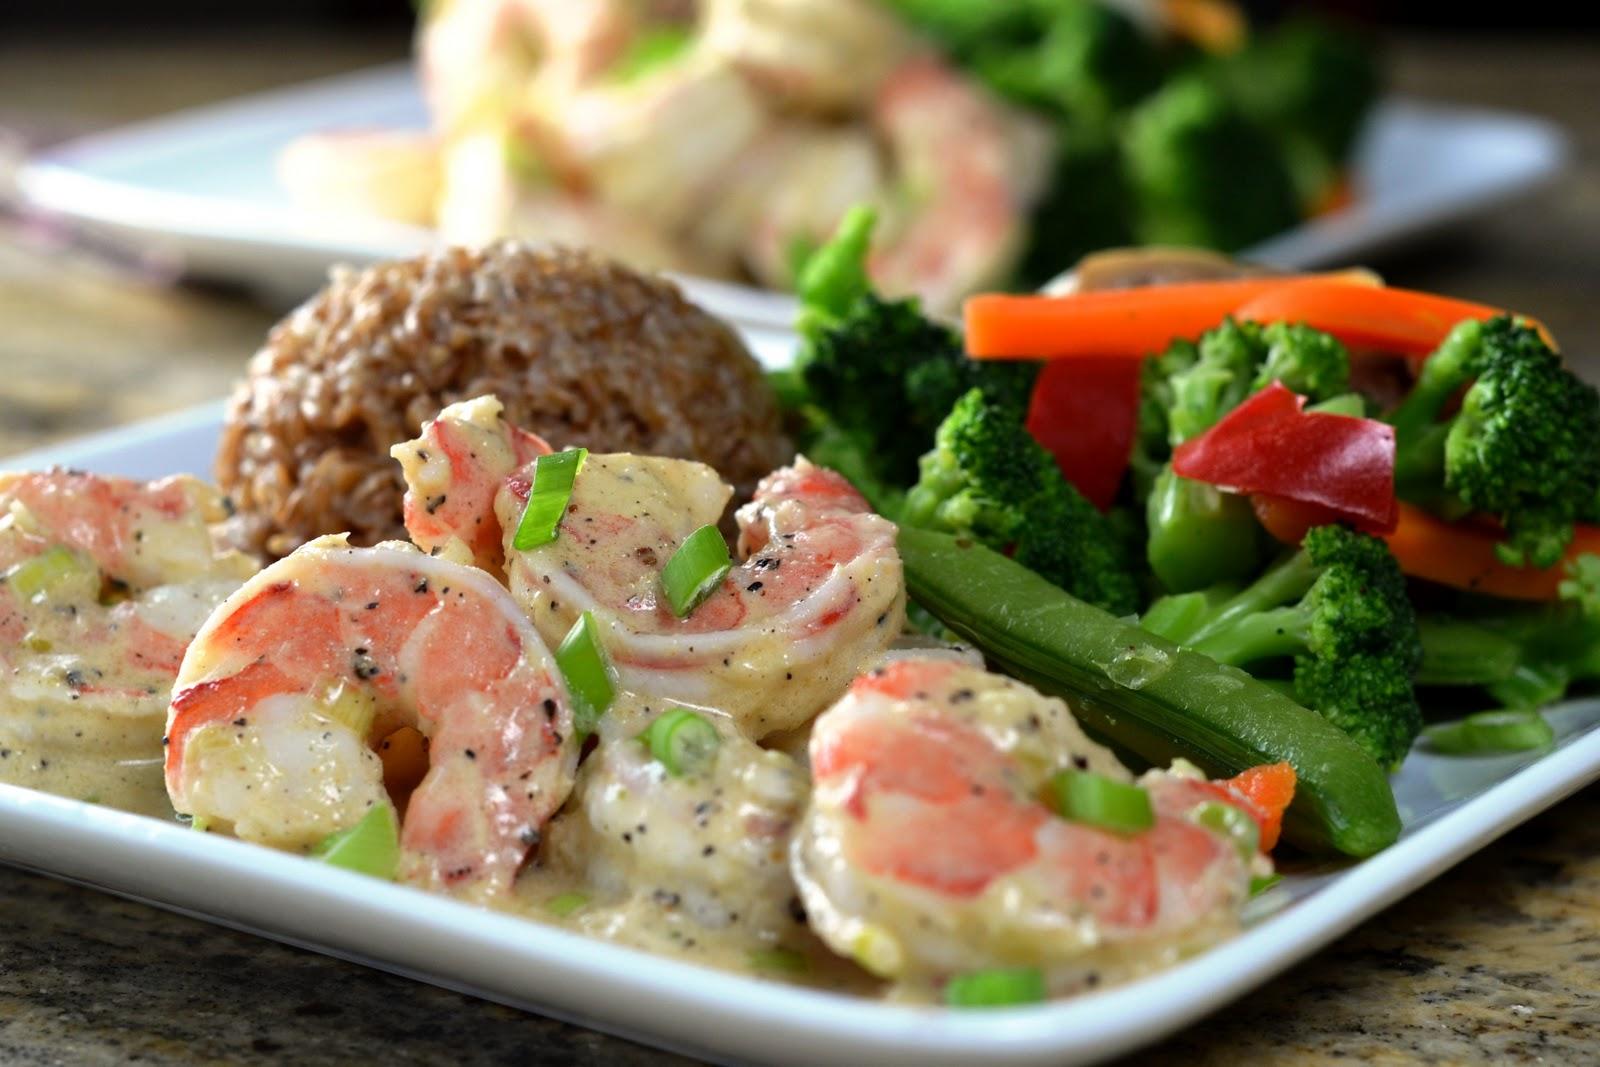 Cara's Cravings » Shrimp in Creamy Horseradish Sauce